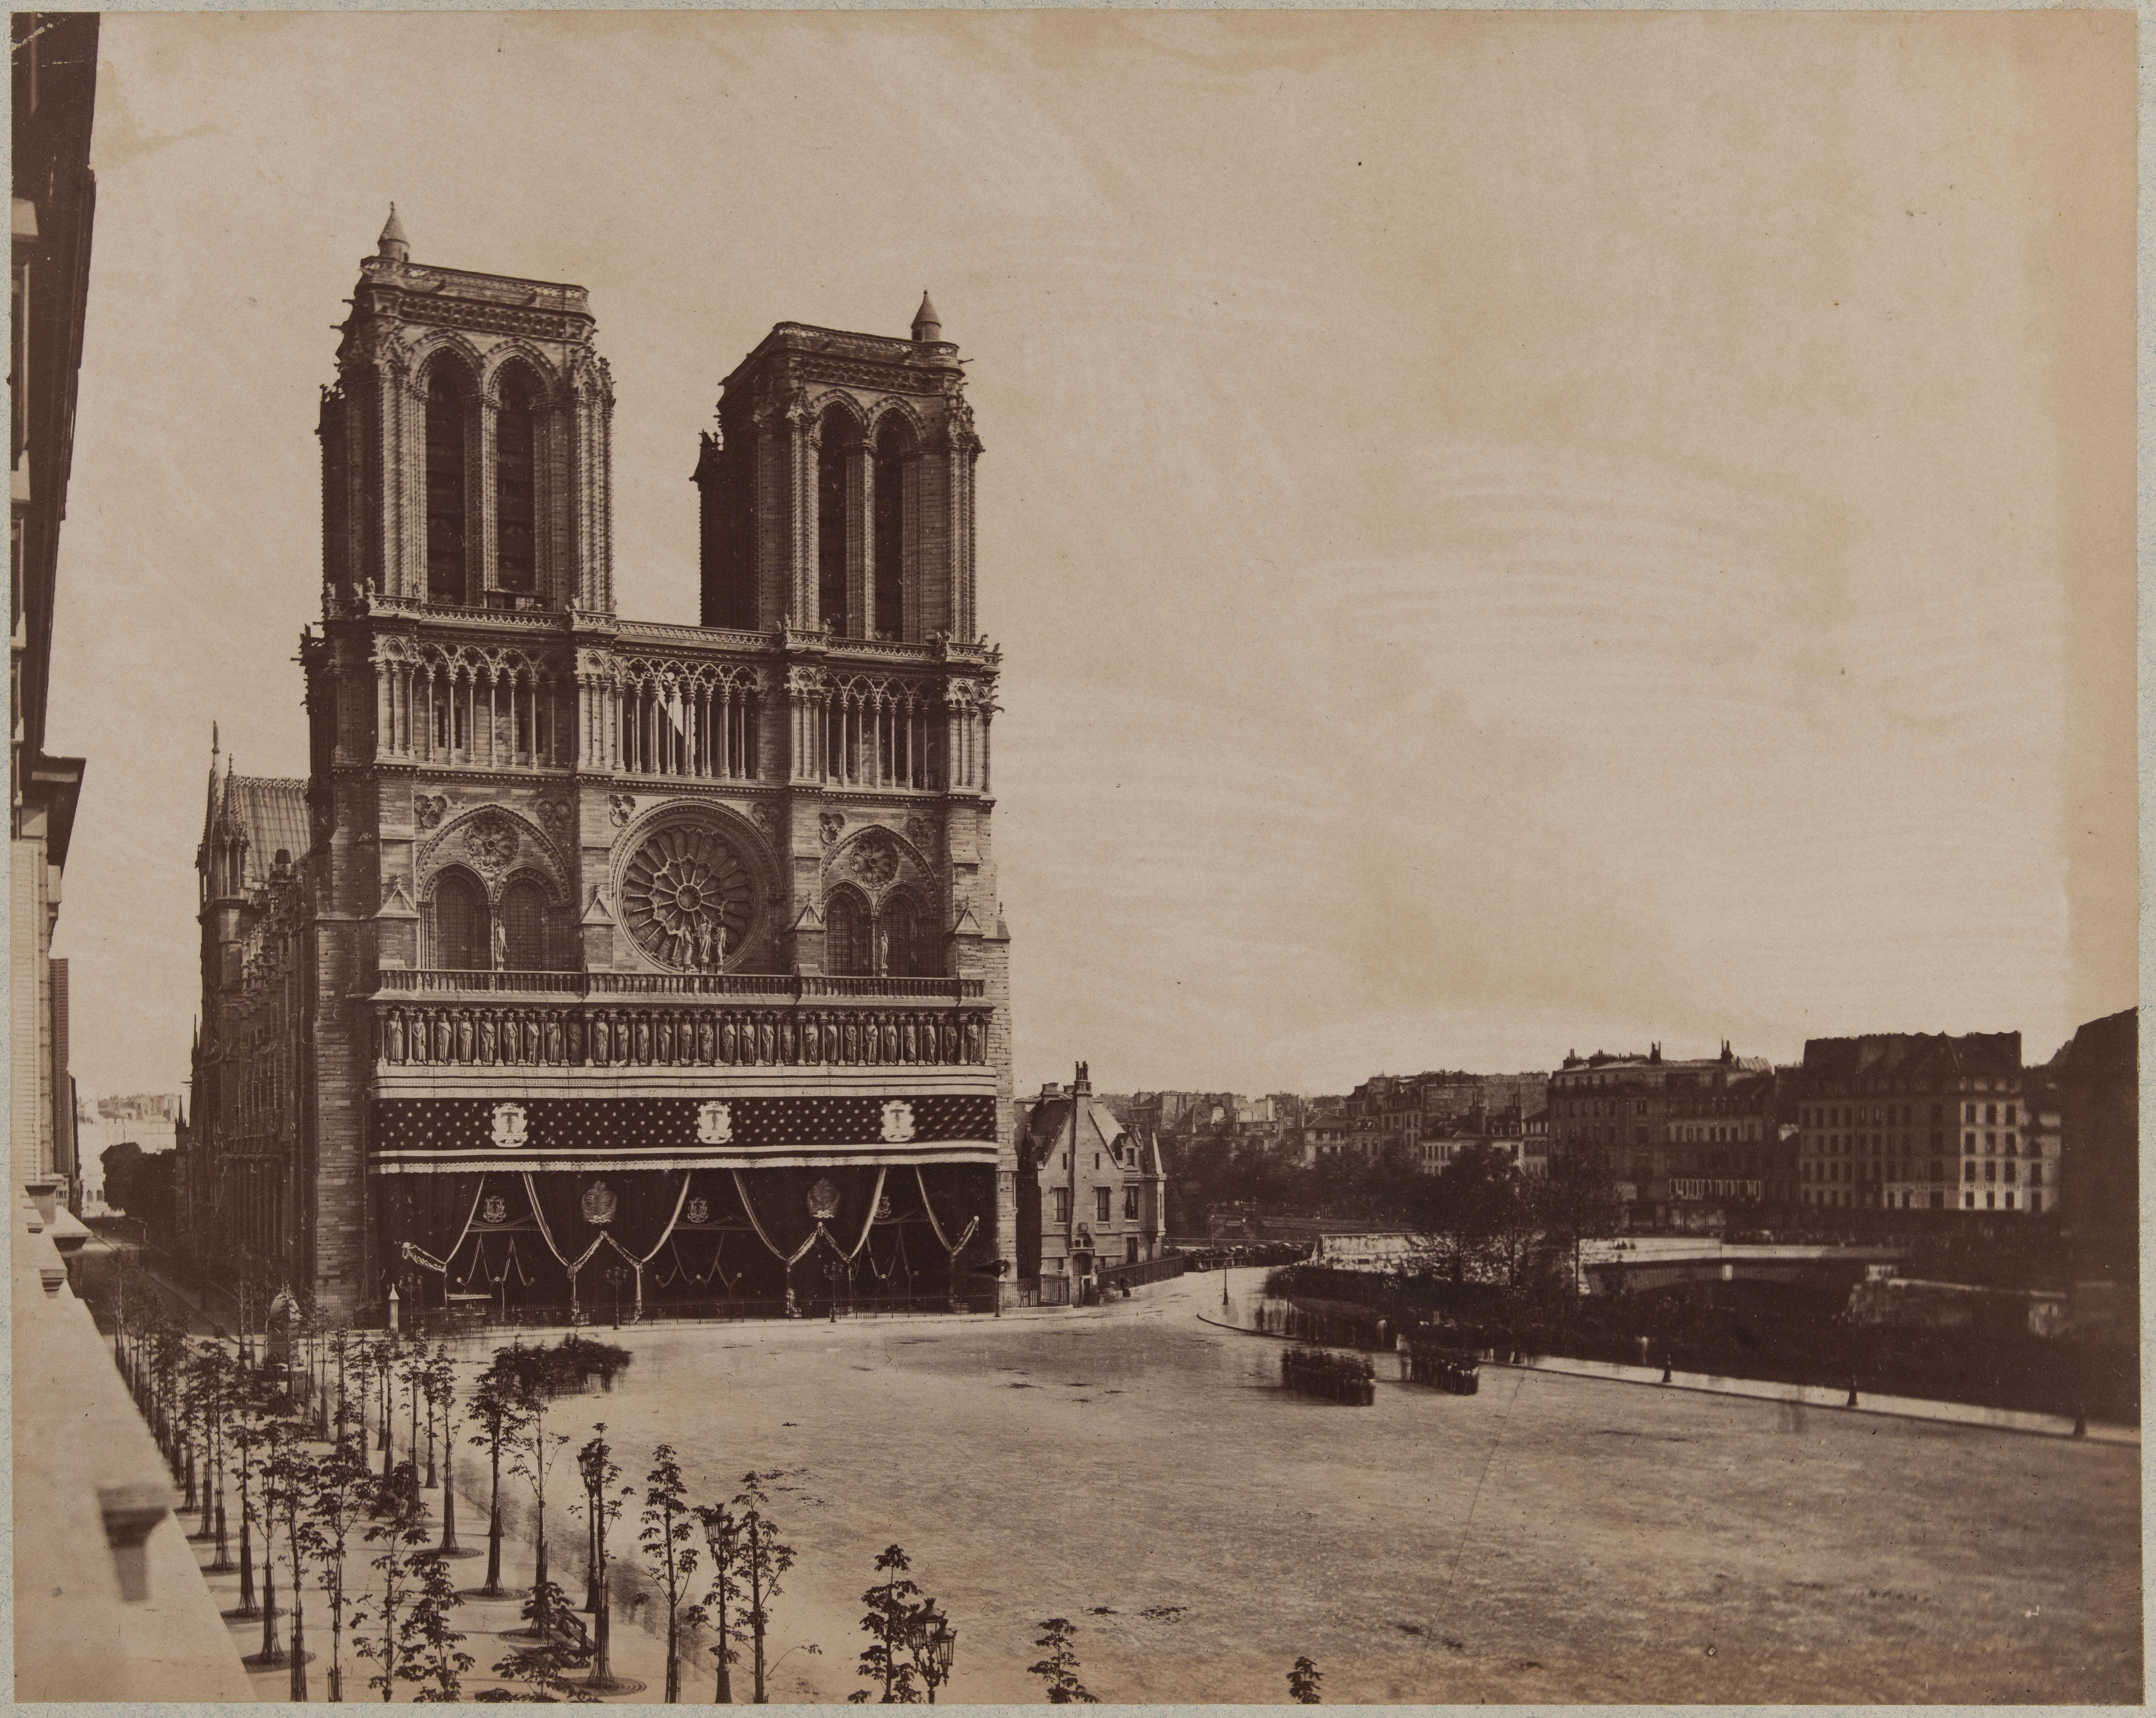 Площадь перед Нотр-Дам после разрушения старого Отель-Дьё де Пари